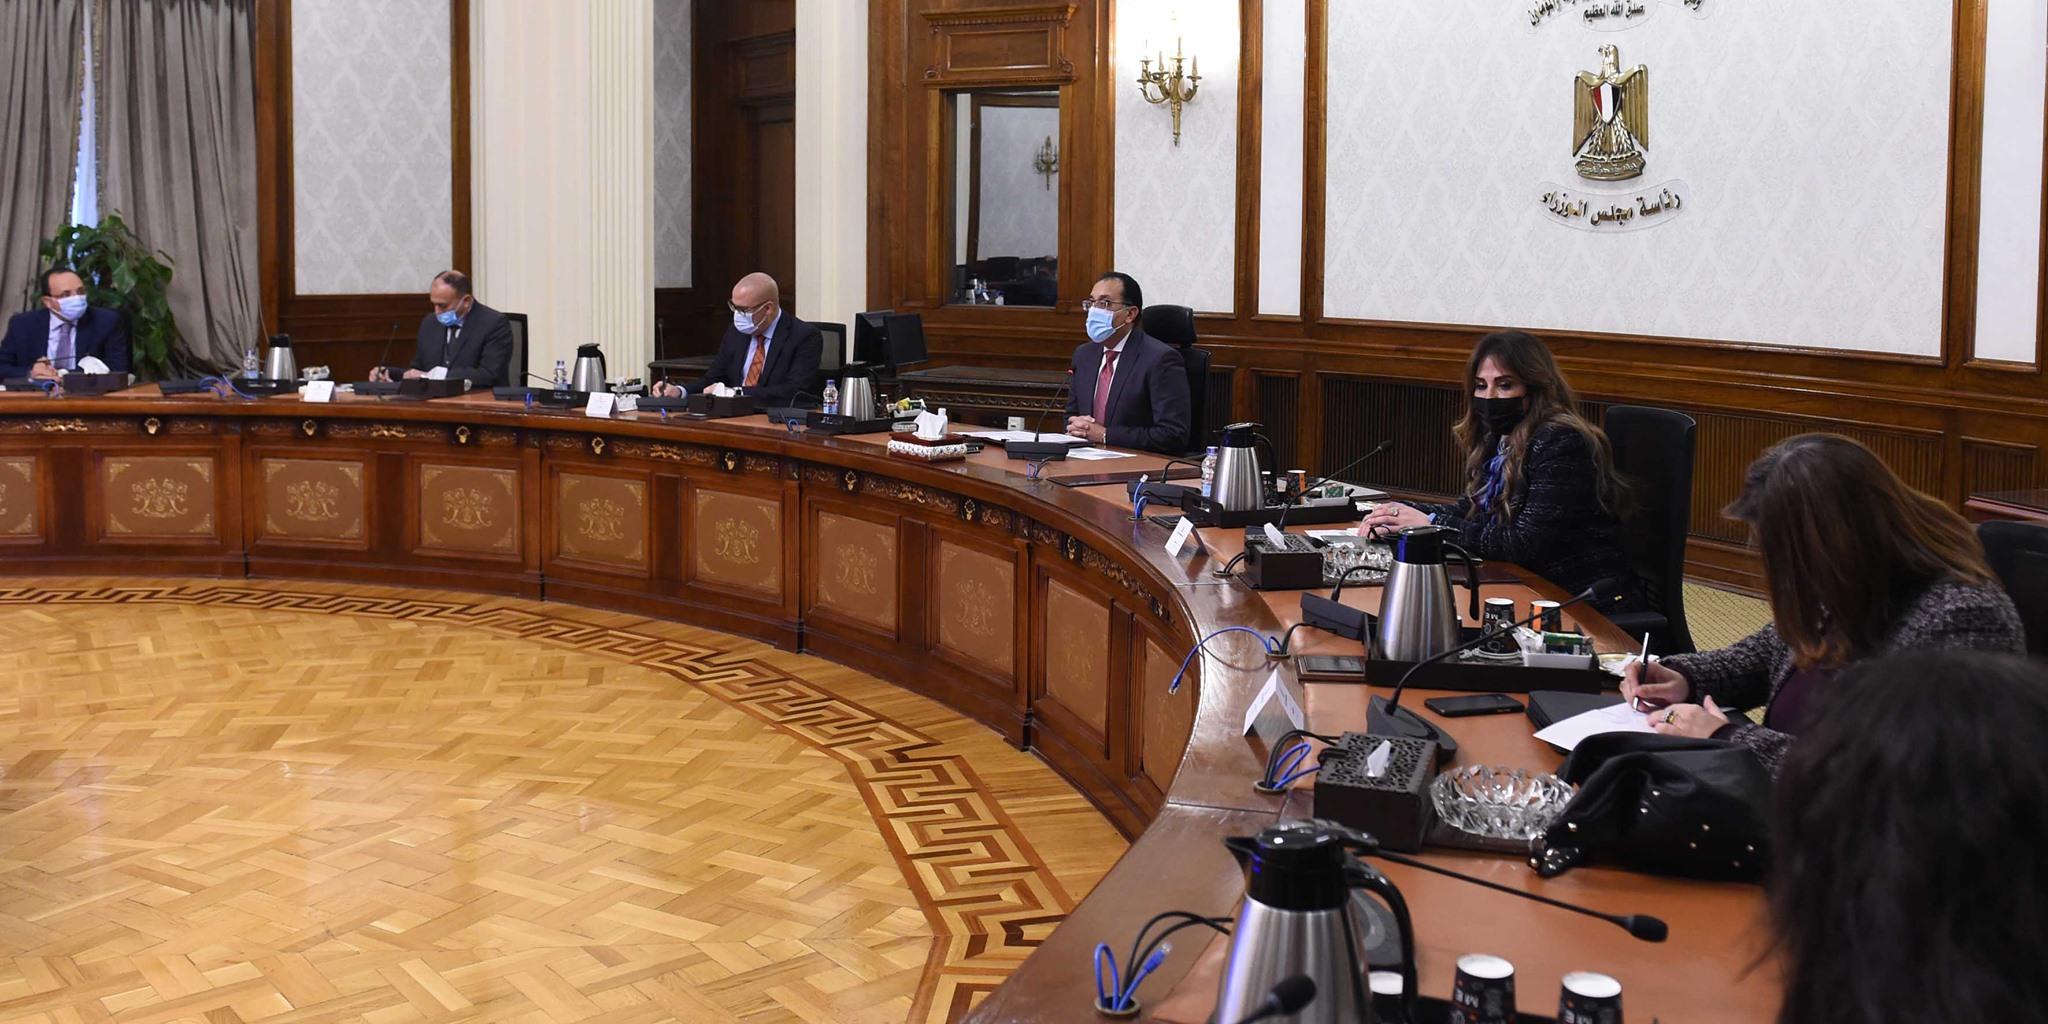 صور | رئيس الوزراء يتابع تنفيذ مبادرة الرئيس «سكن كل المصريين»